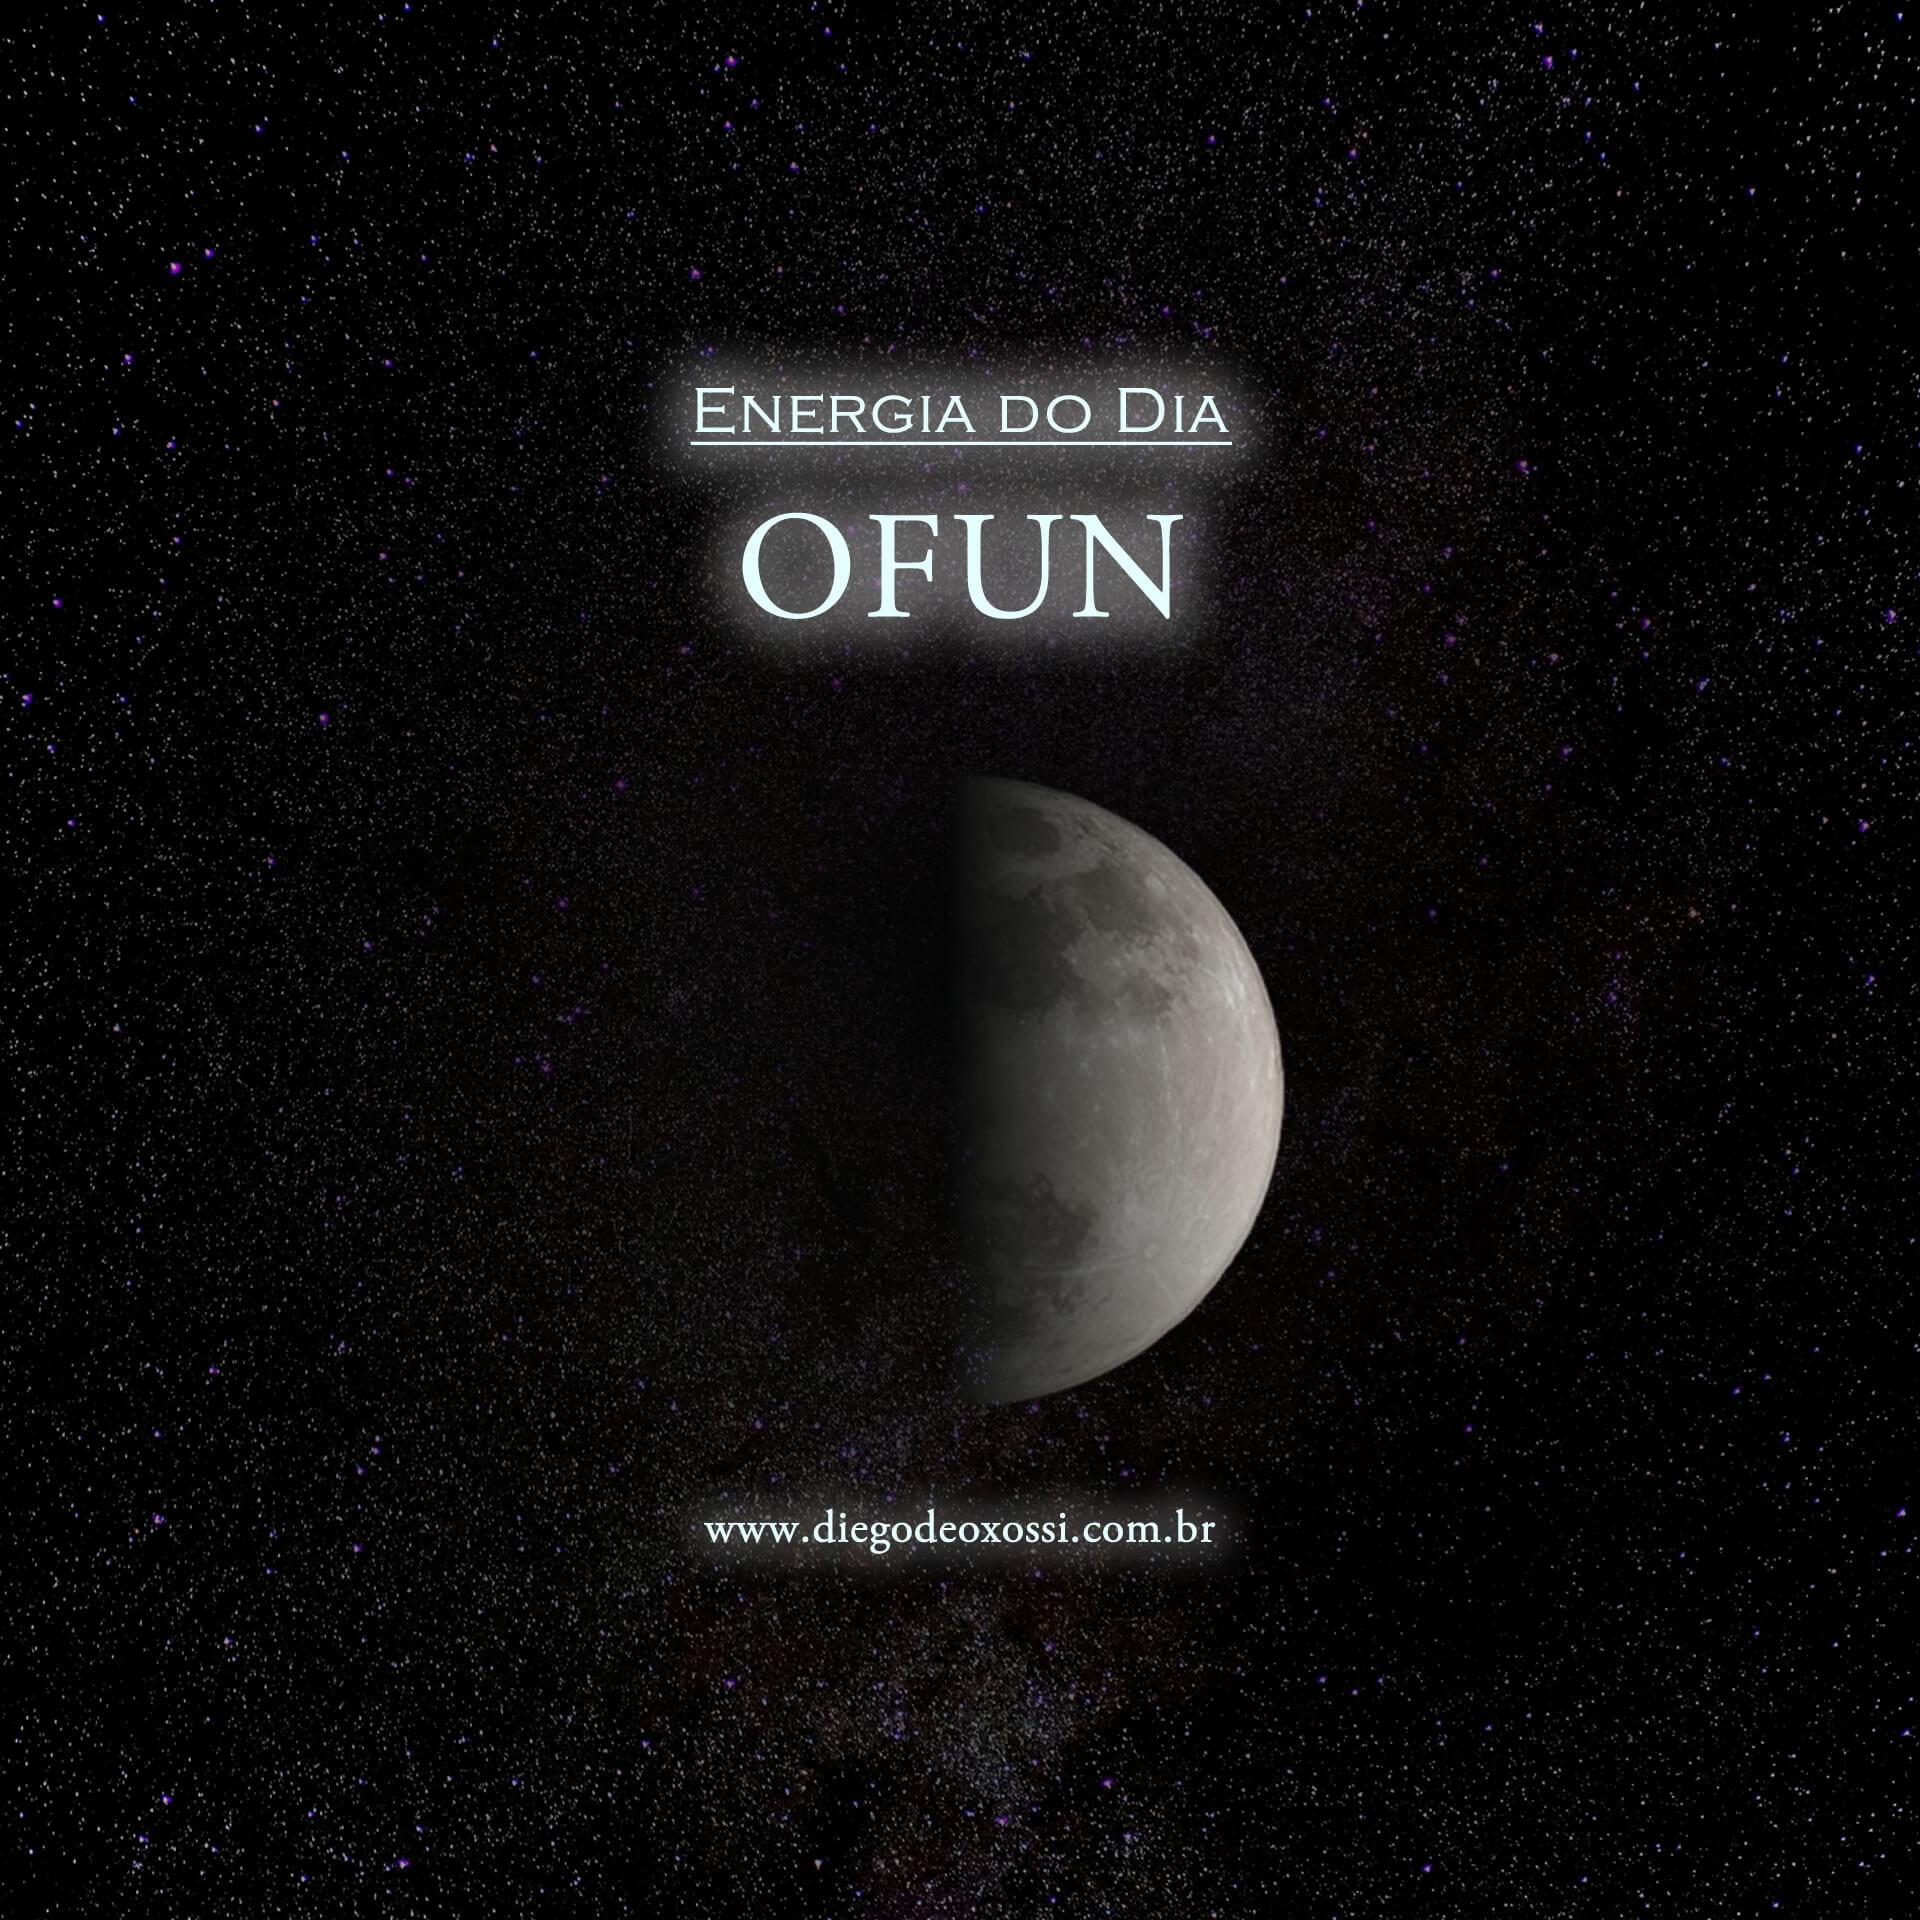 23/01/2020: OFUN